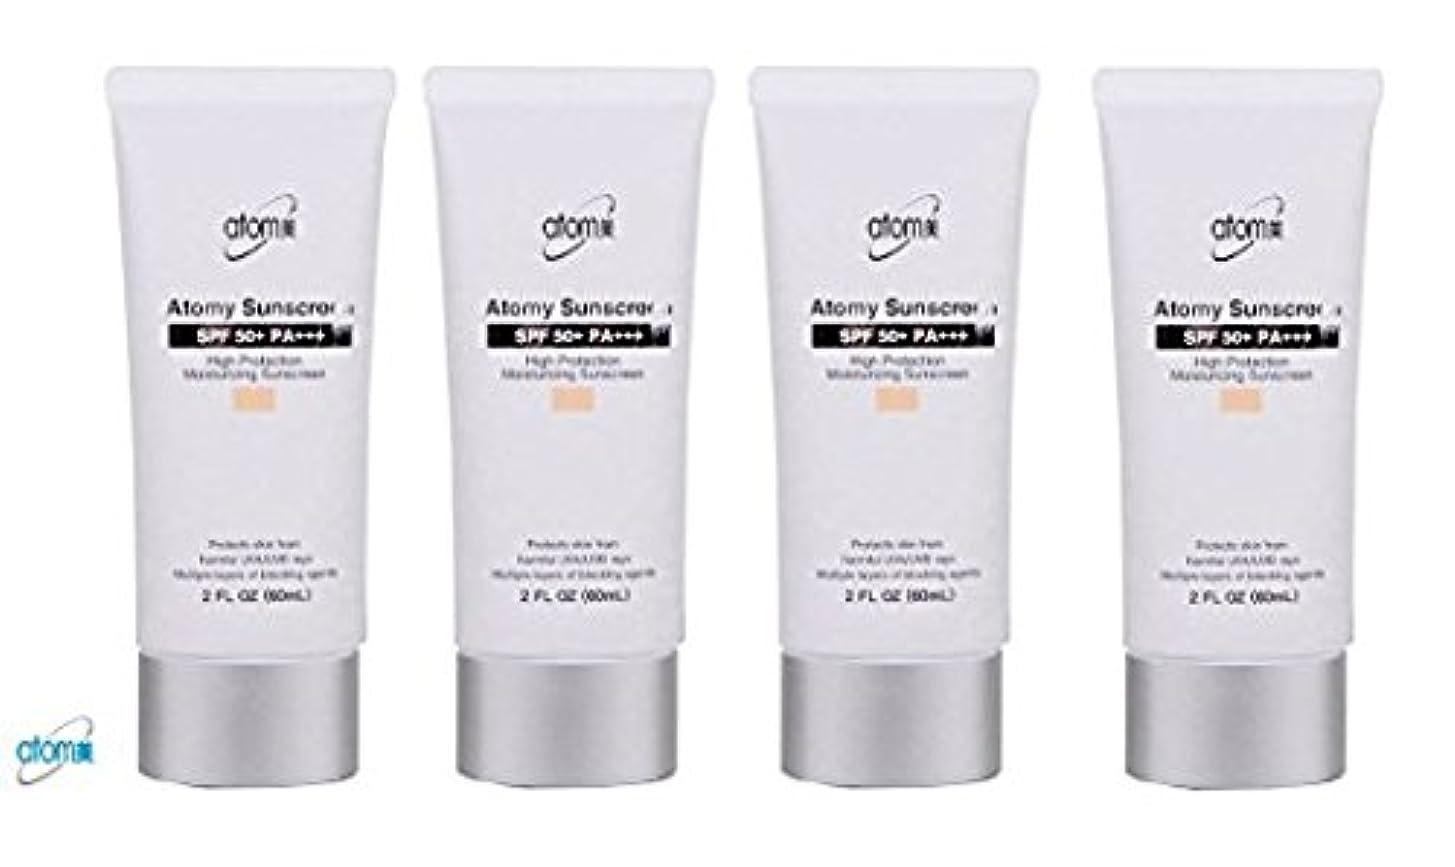 作成する子豚立方体Atomy(アトミ) Sunscreen SPF 50 + Pa +++ Herb Skin Care Uv Sun Protection Beige 4 Pcs 1 セット [並行輸入品]